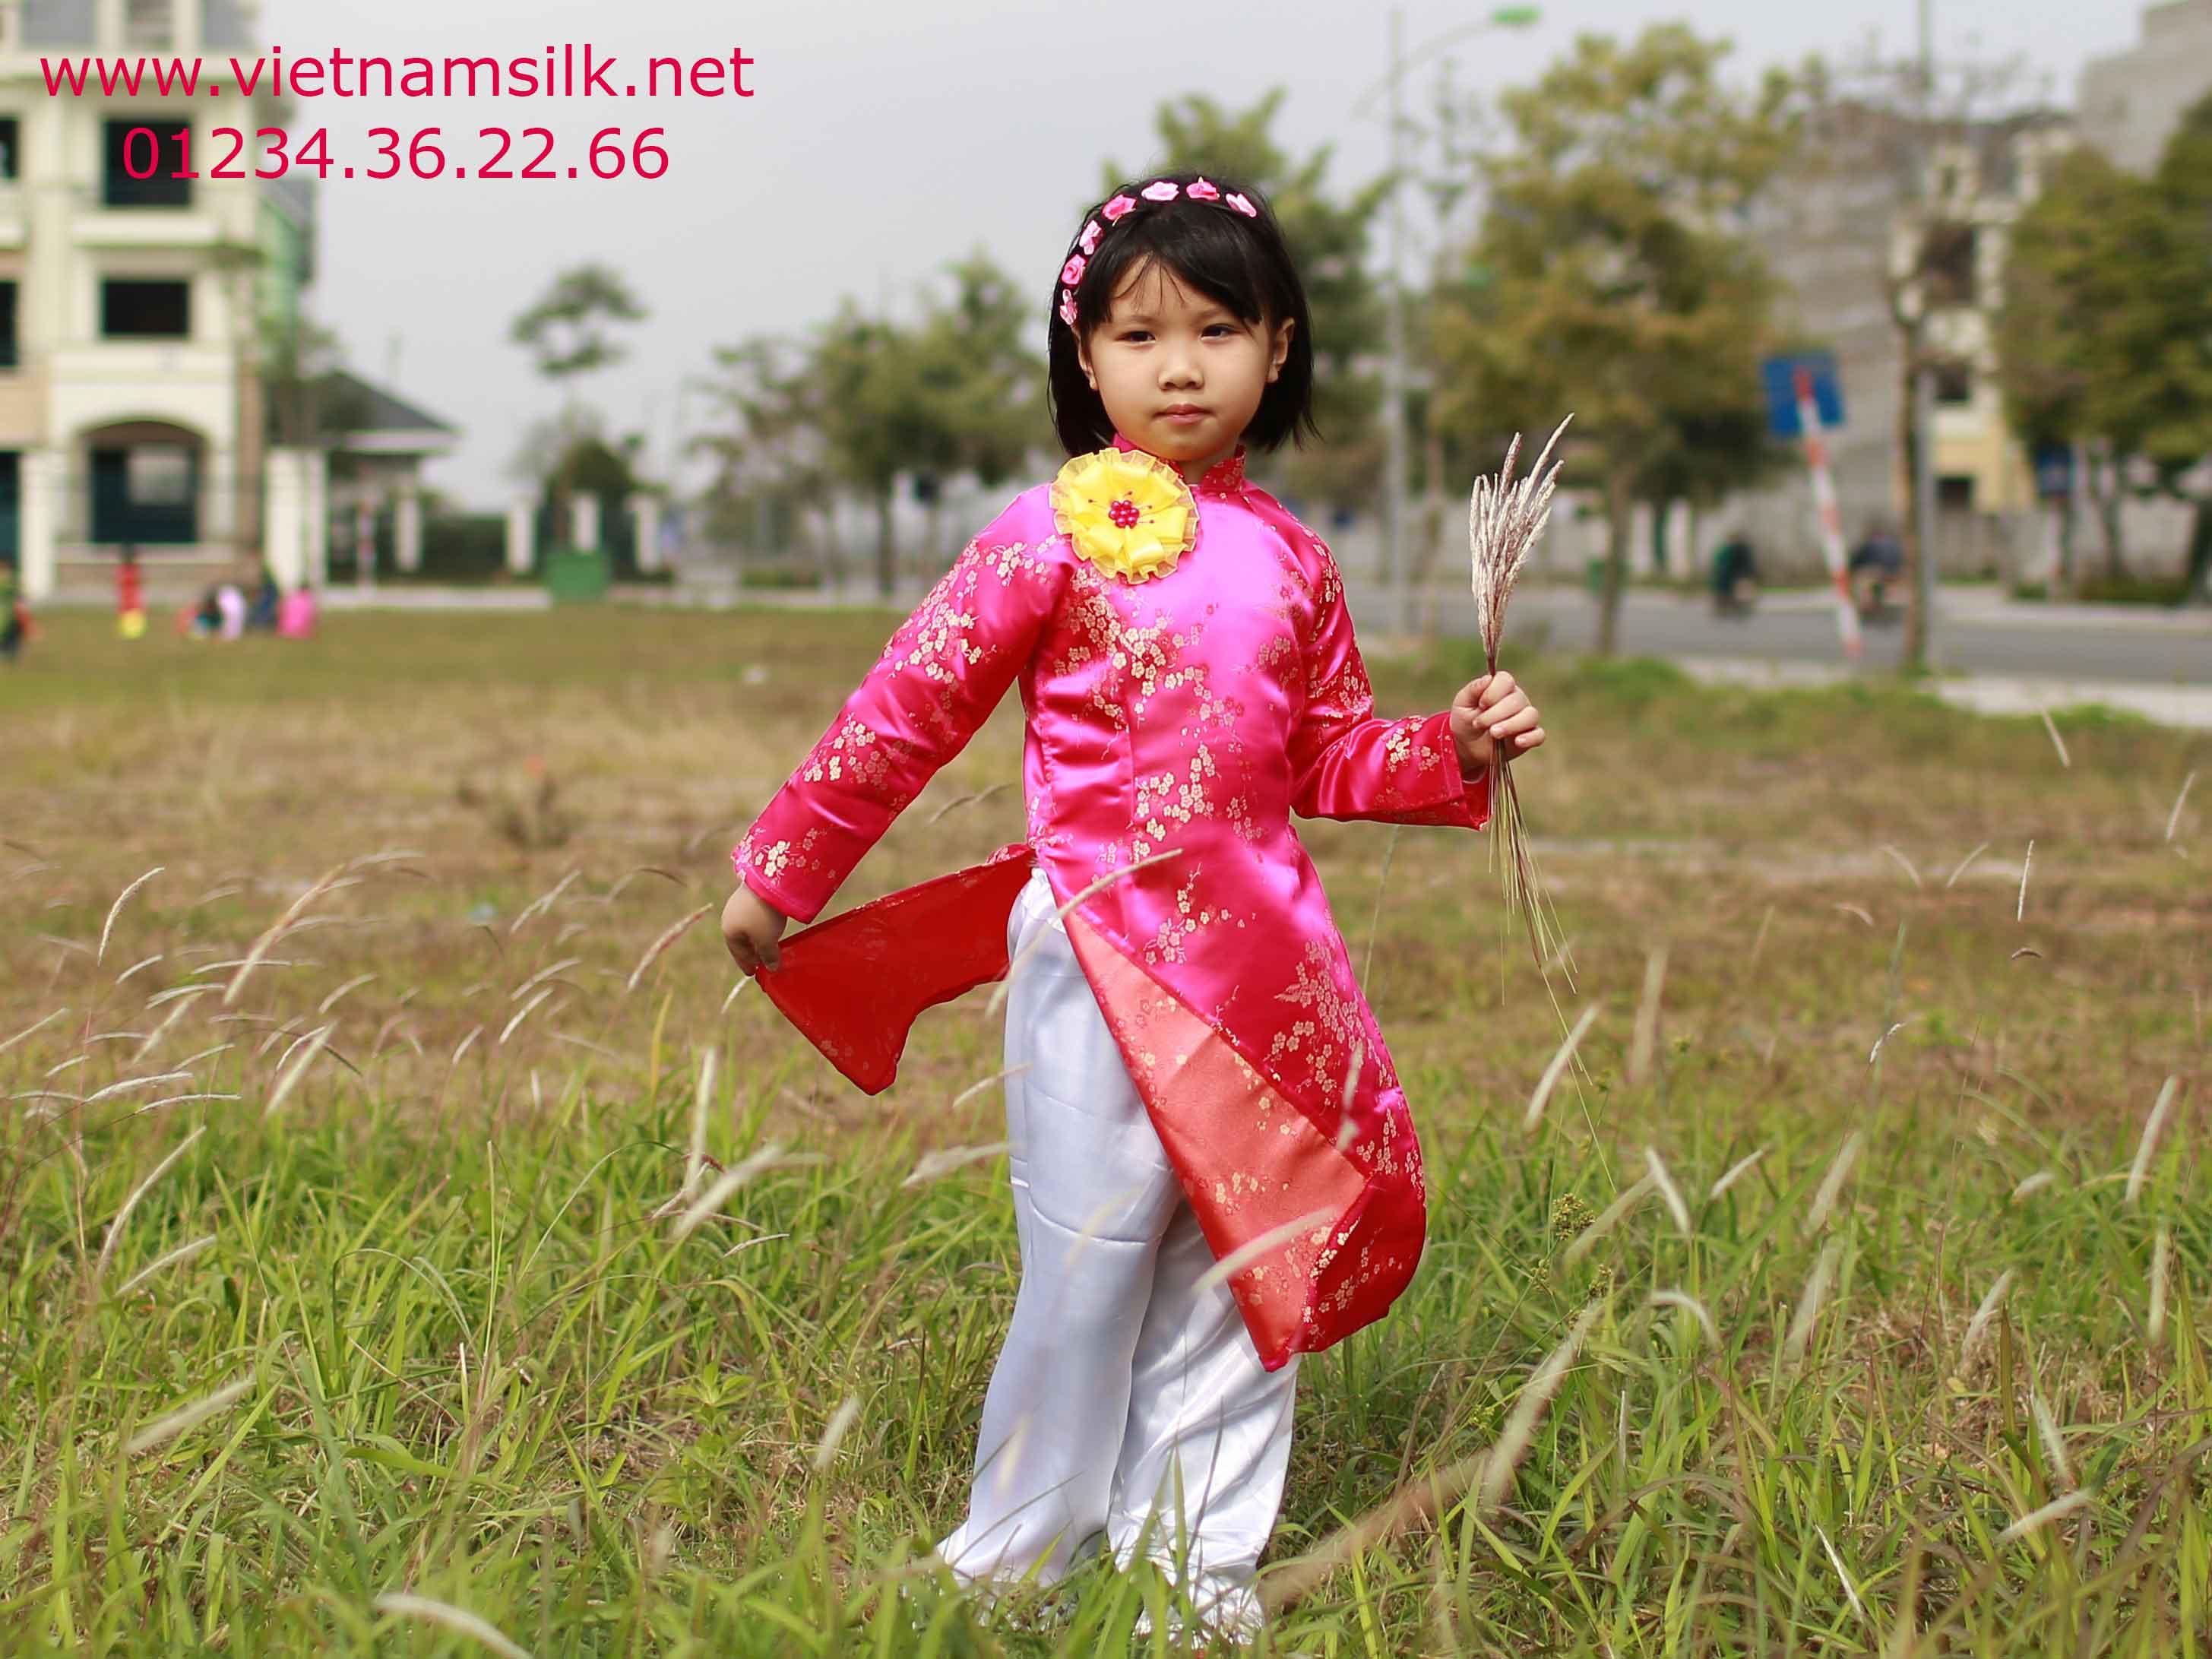 Áo dài cho bé gái-Hoa mai vàng nền hồng sen